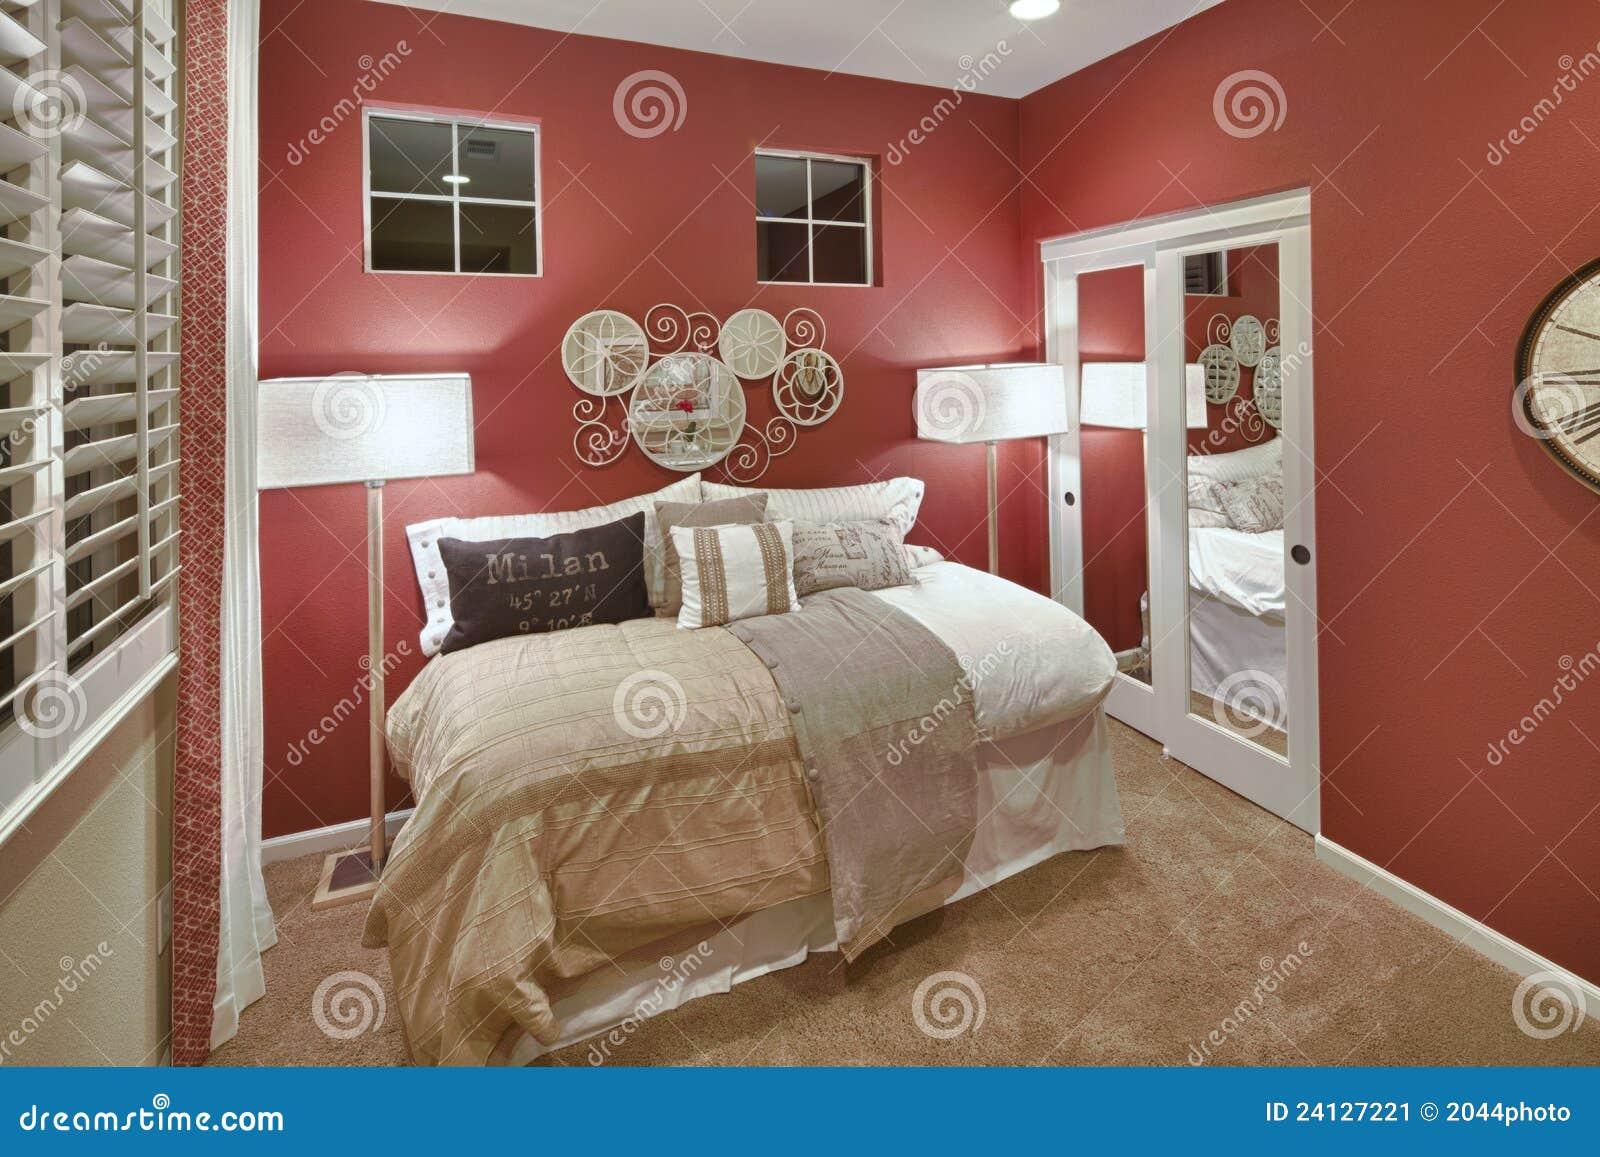 chambre coucher de maison modle rouge et blanc image stock - Chambre Orientale Blanche